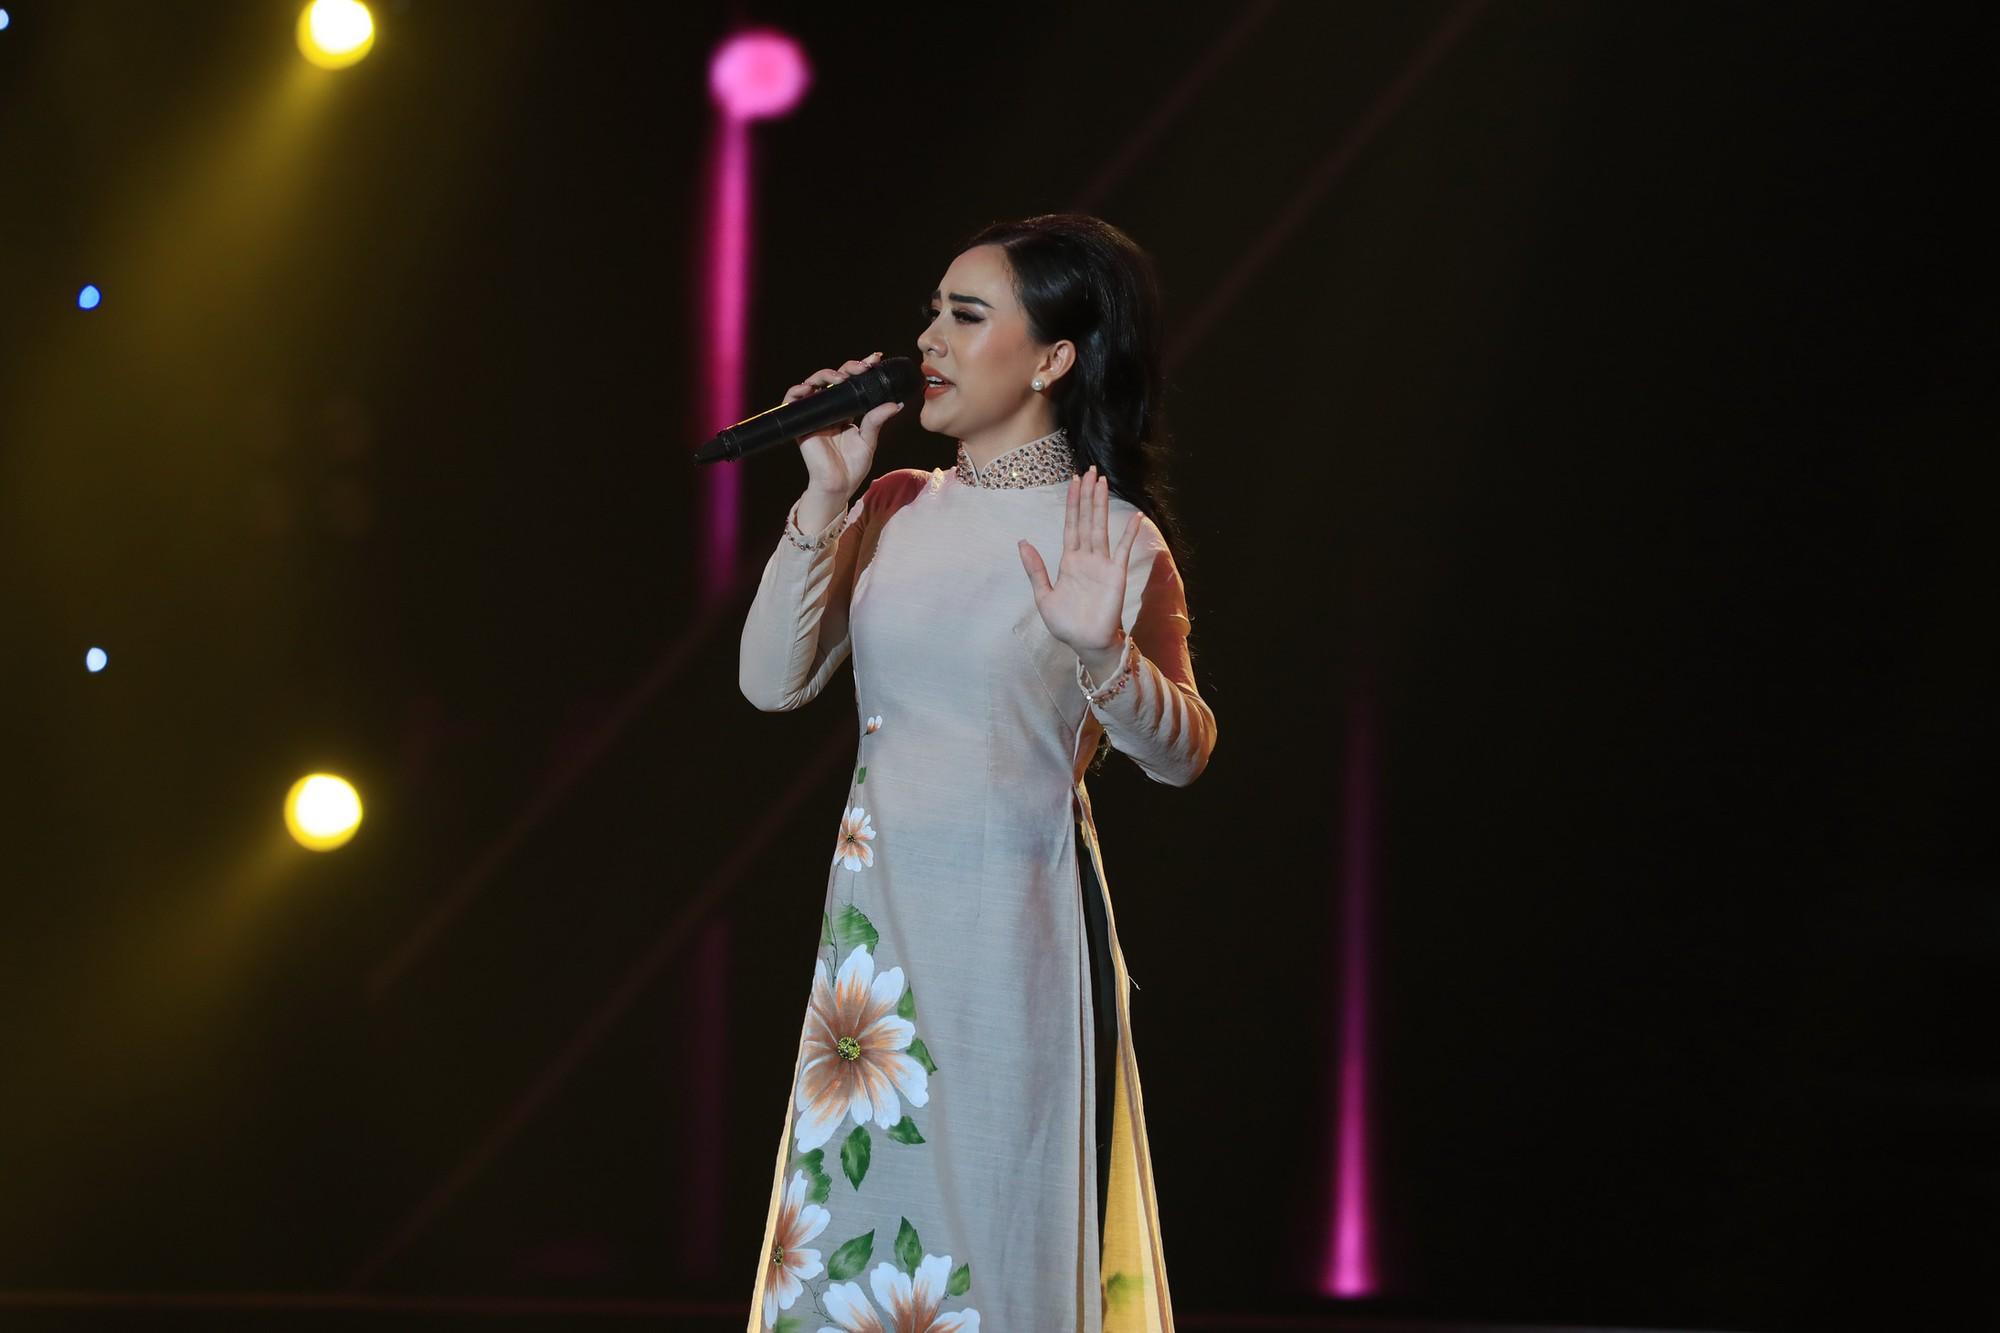 THANH HIEN (3)